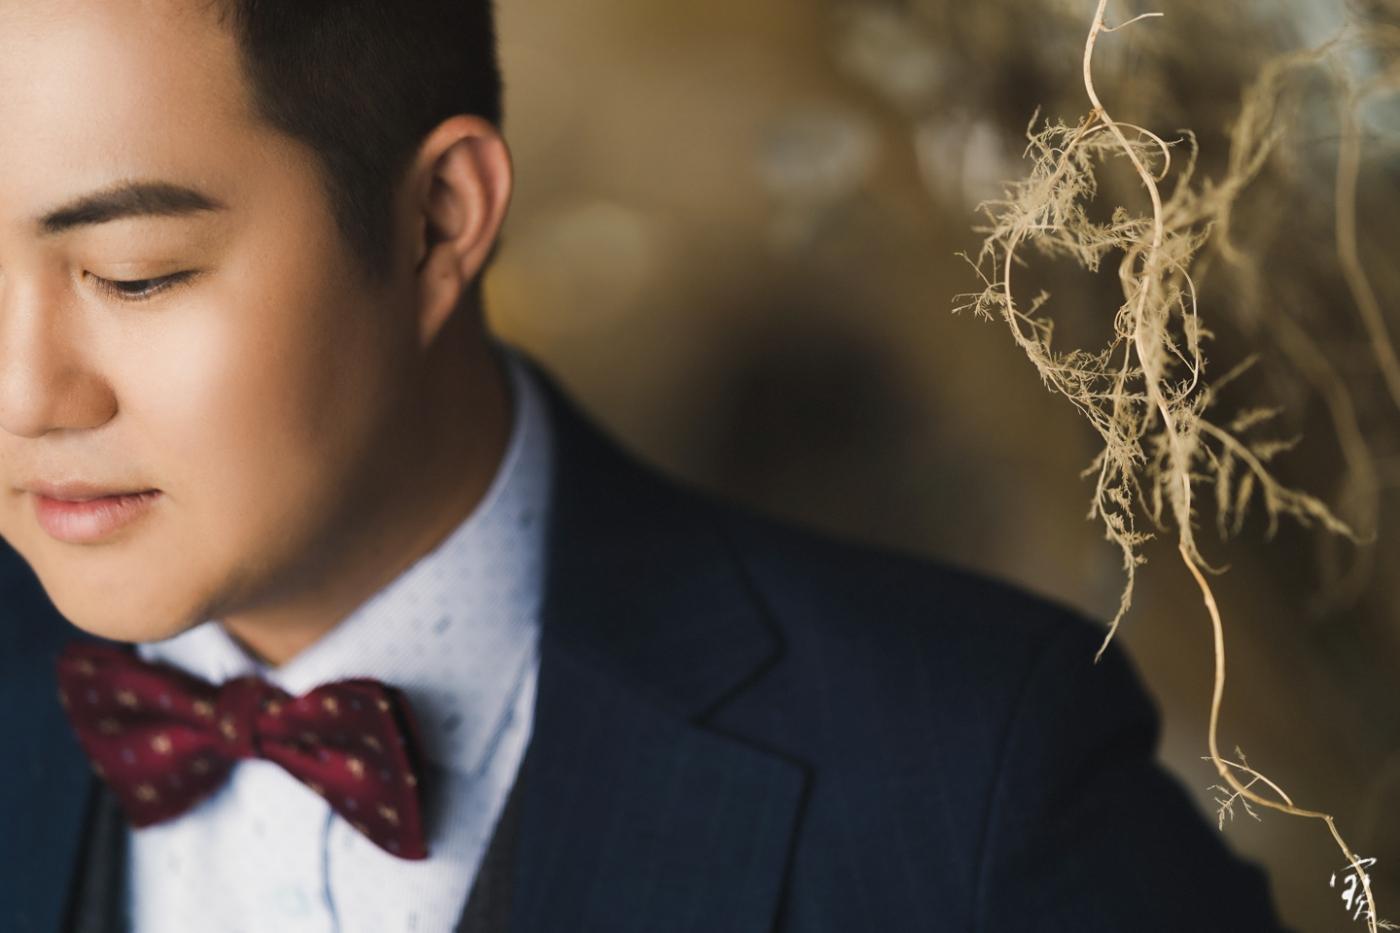 台中 婚紗 踏踏攝影棚 彰濱婚紗 攝影師大寶 新竹攝影 北部攝影 桃園攝影 台北攝影 婚紗20181028-12